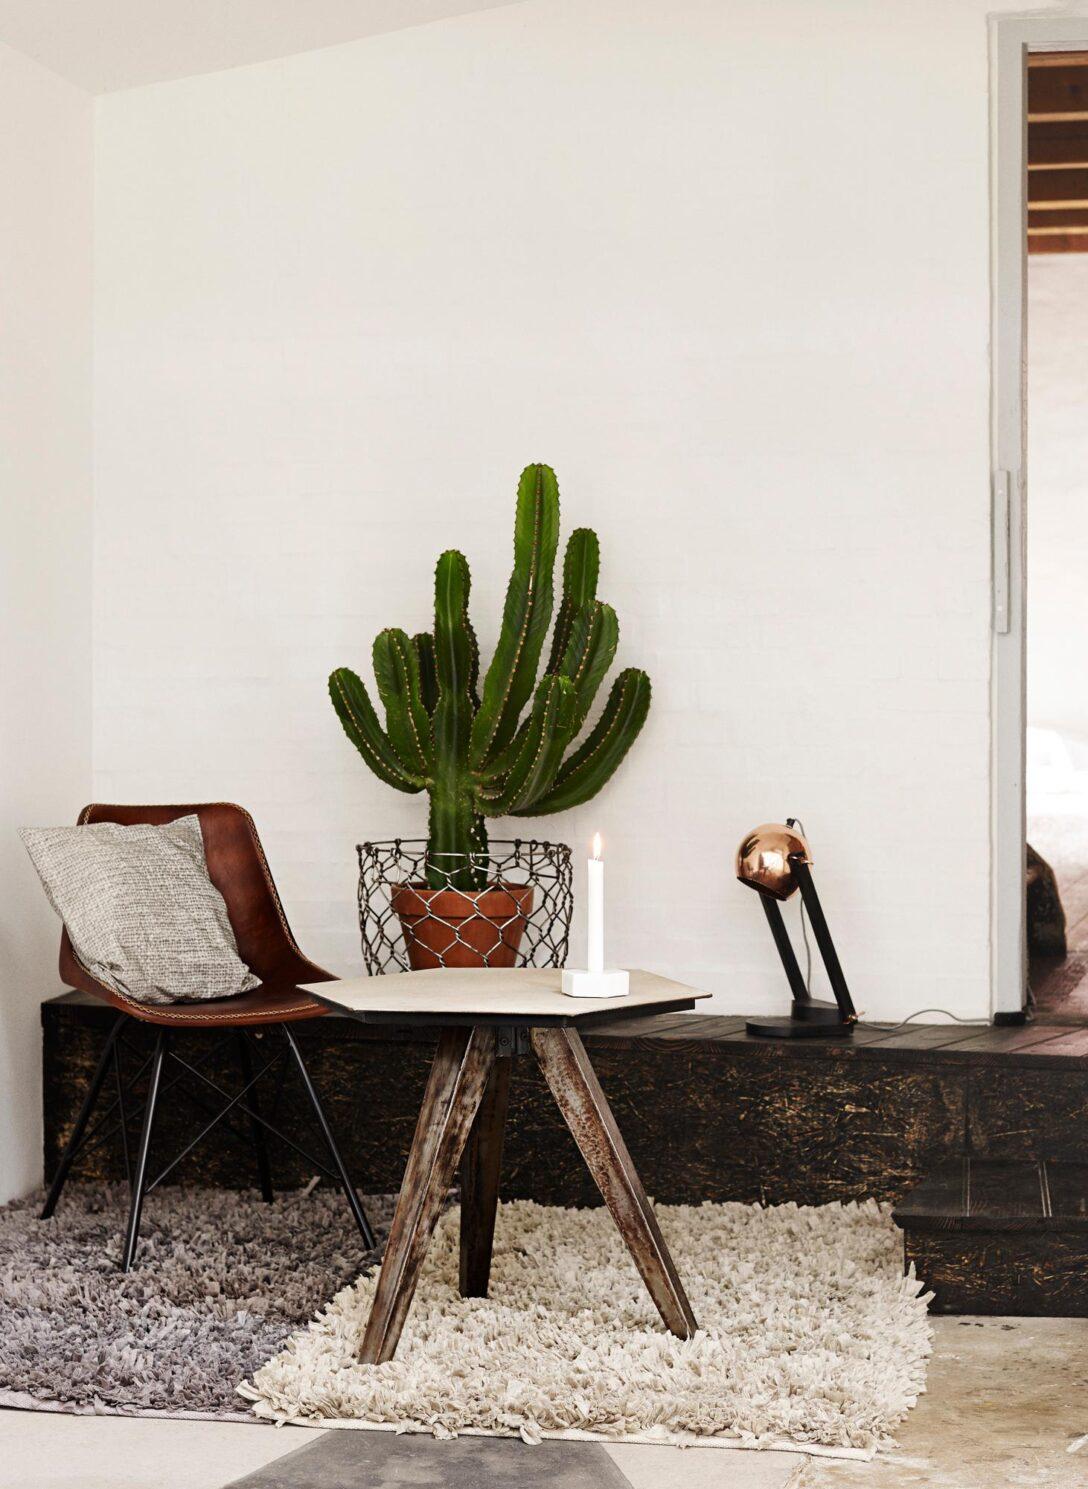 Large Size of Wohnzimmer Tischlampe Amazon Dimmbar Lampe Holz Ikea Led Ebay Modern Designer Tischlampen Steinboden Mit Teppichen Aufwerten Stuhl Beistellt Schrank Wohnzimmer Wohnzimmer Tischlampe